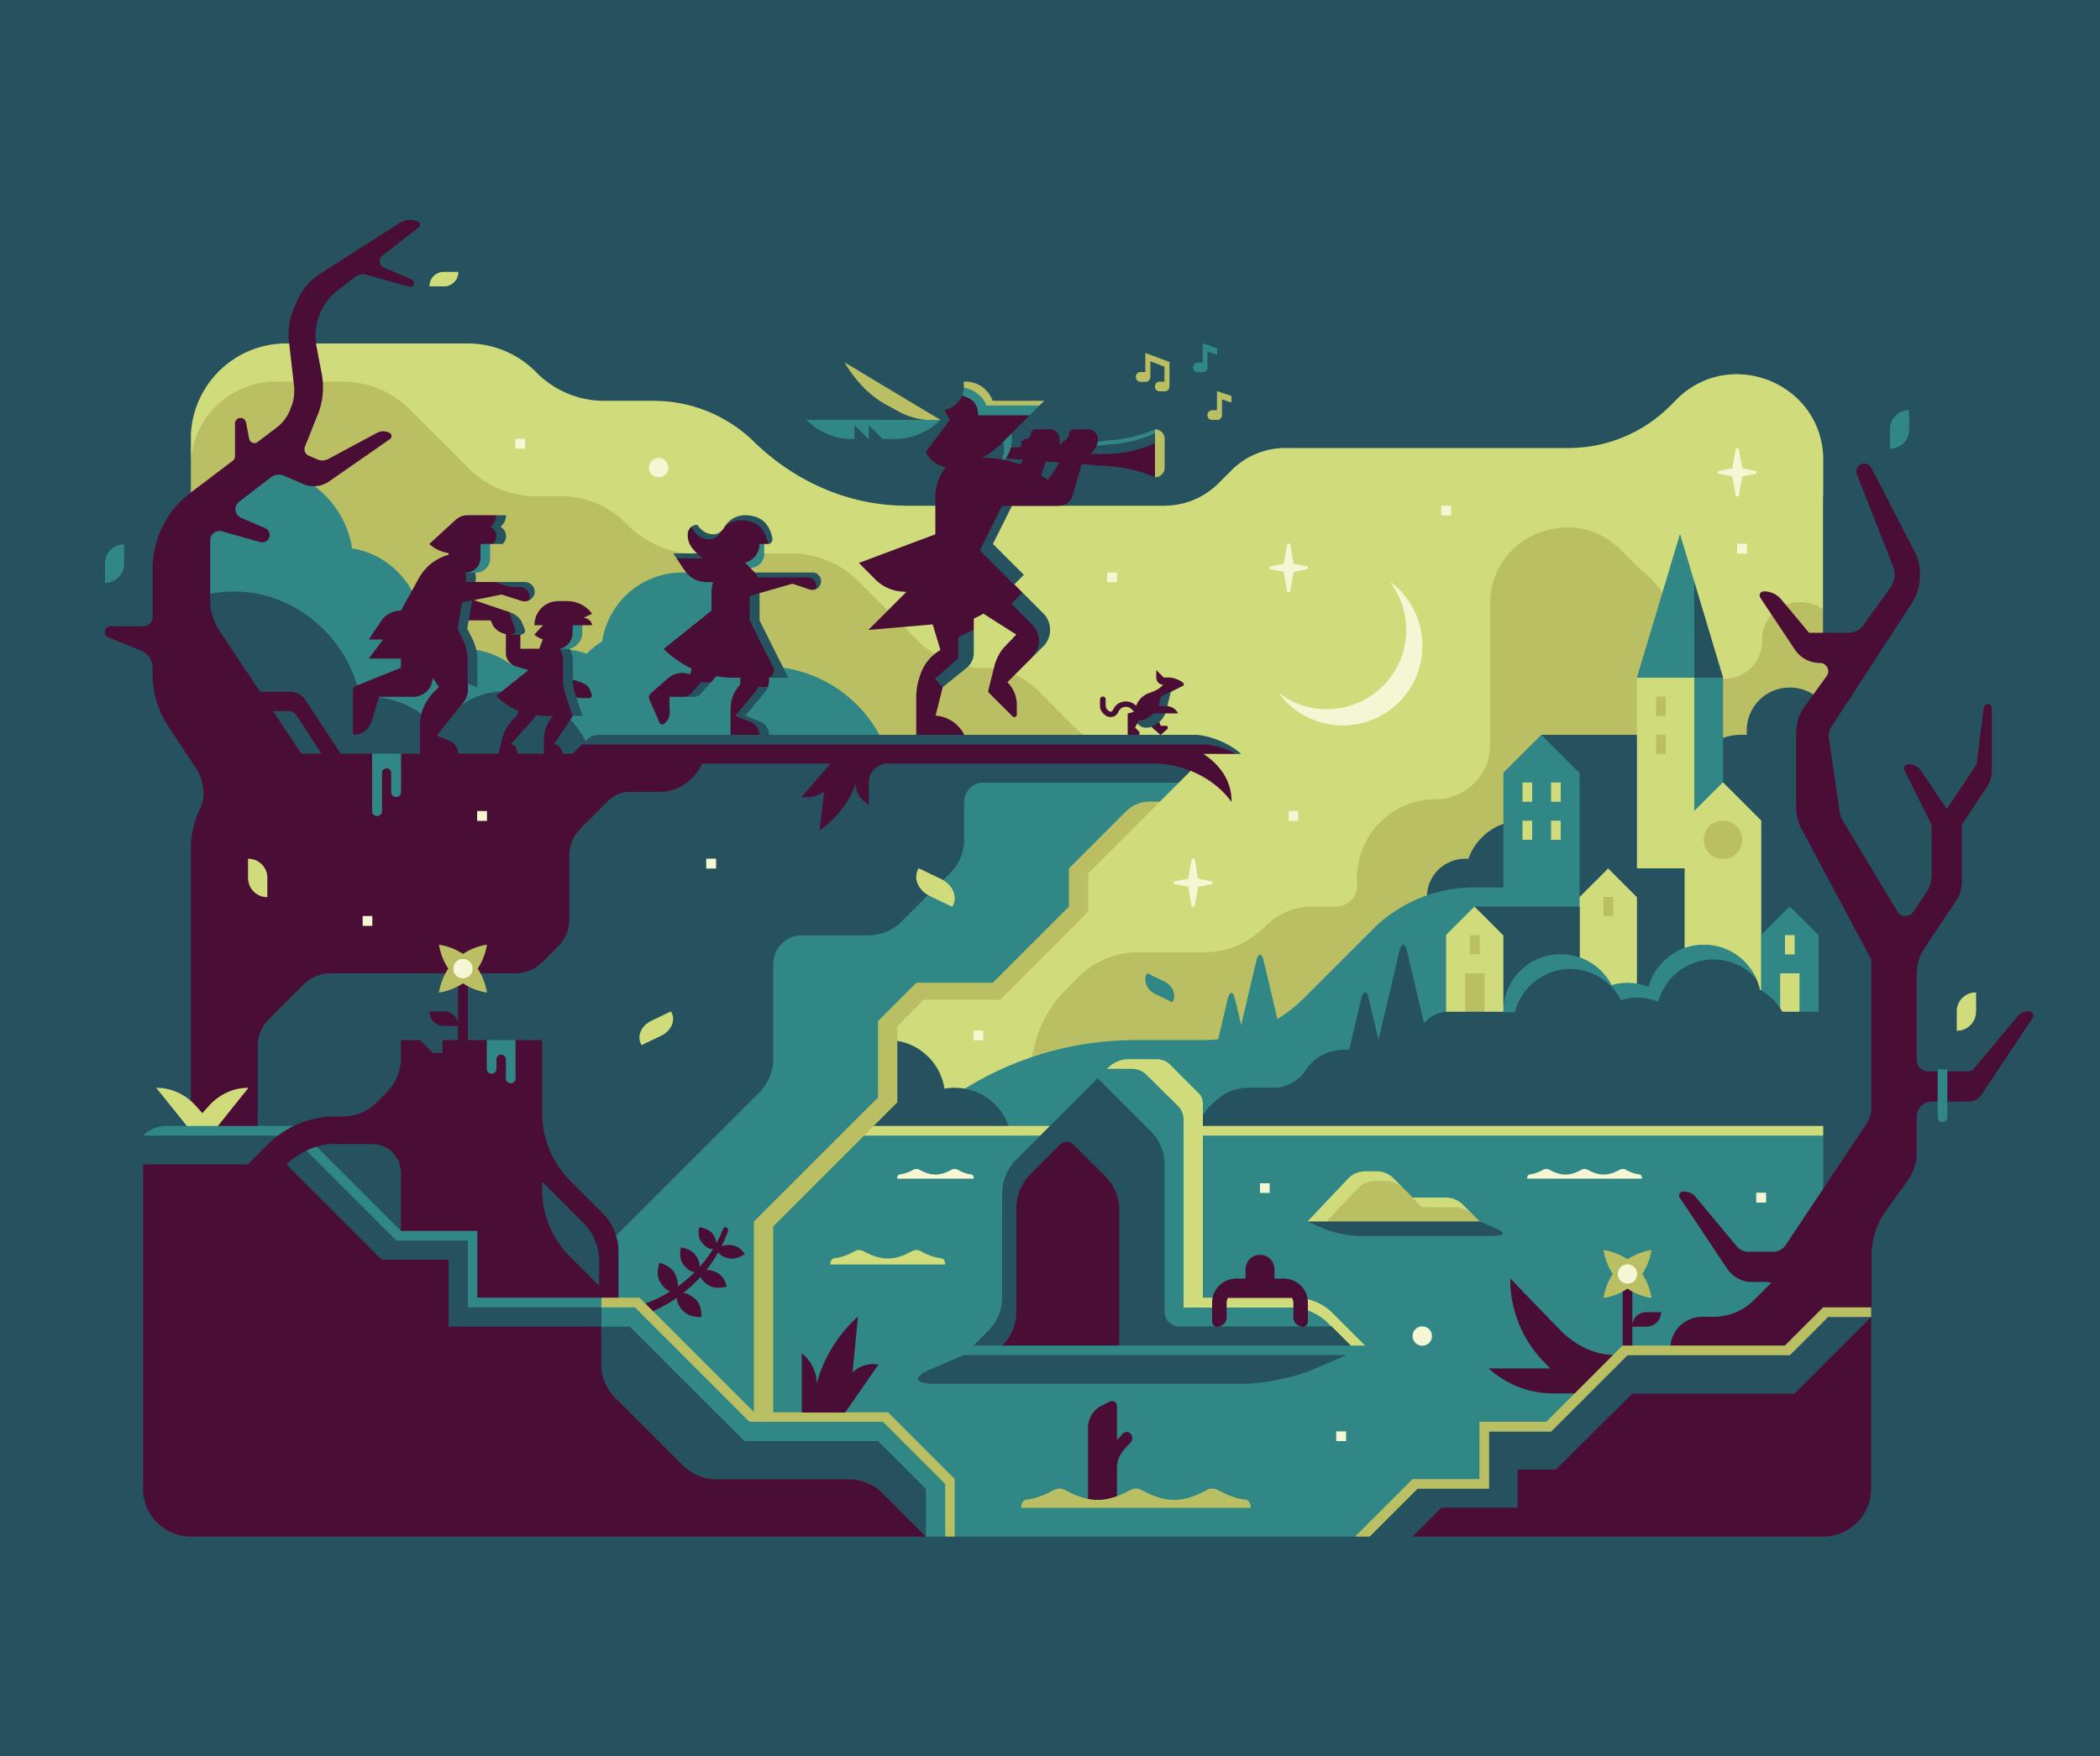 Fandom: Dark Fairytales — Matt Anderson Design & Illustration